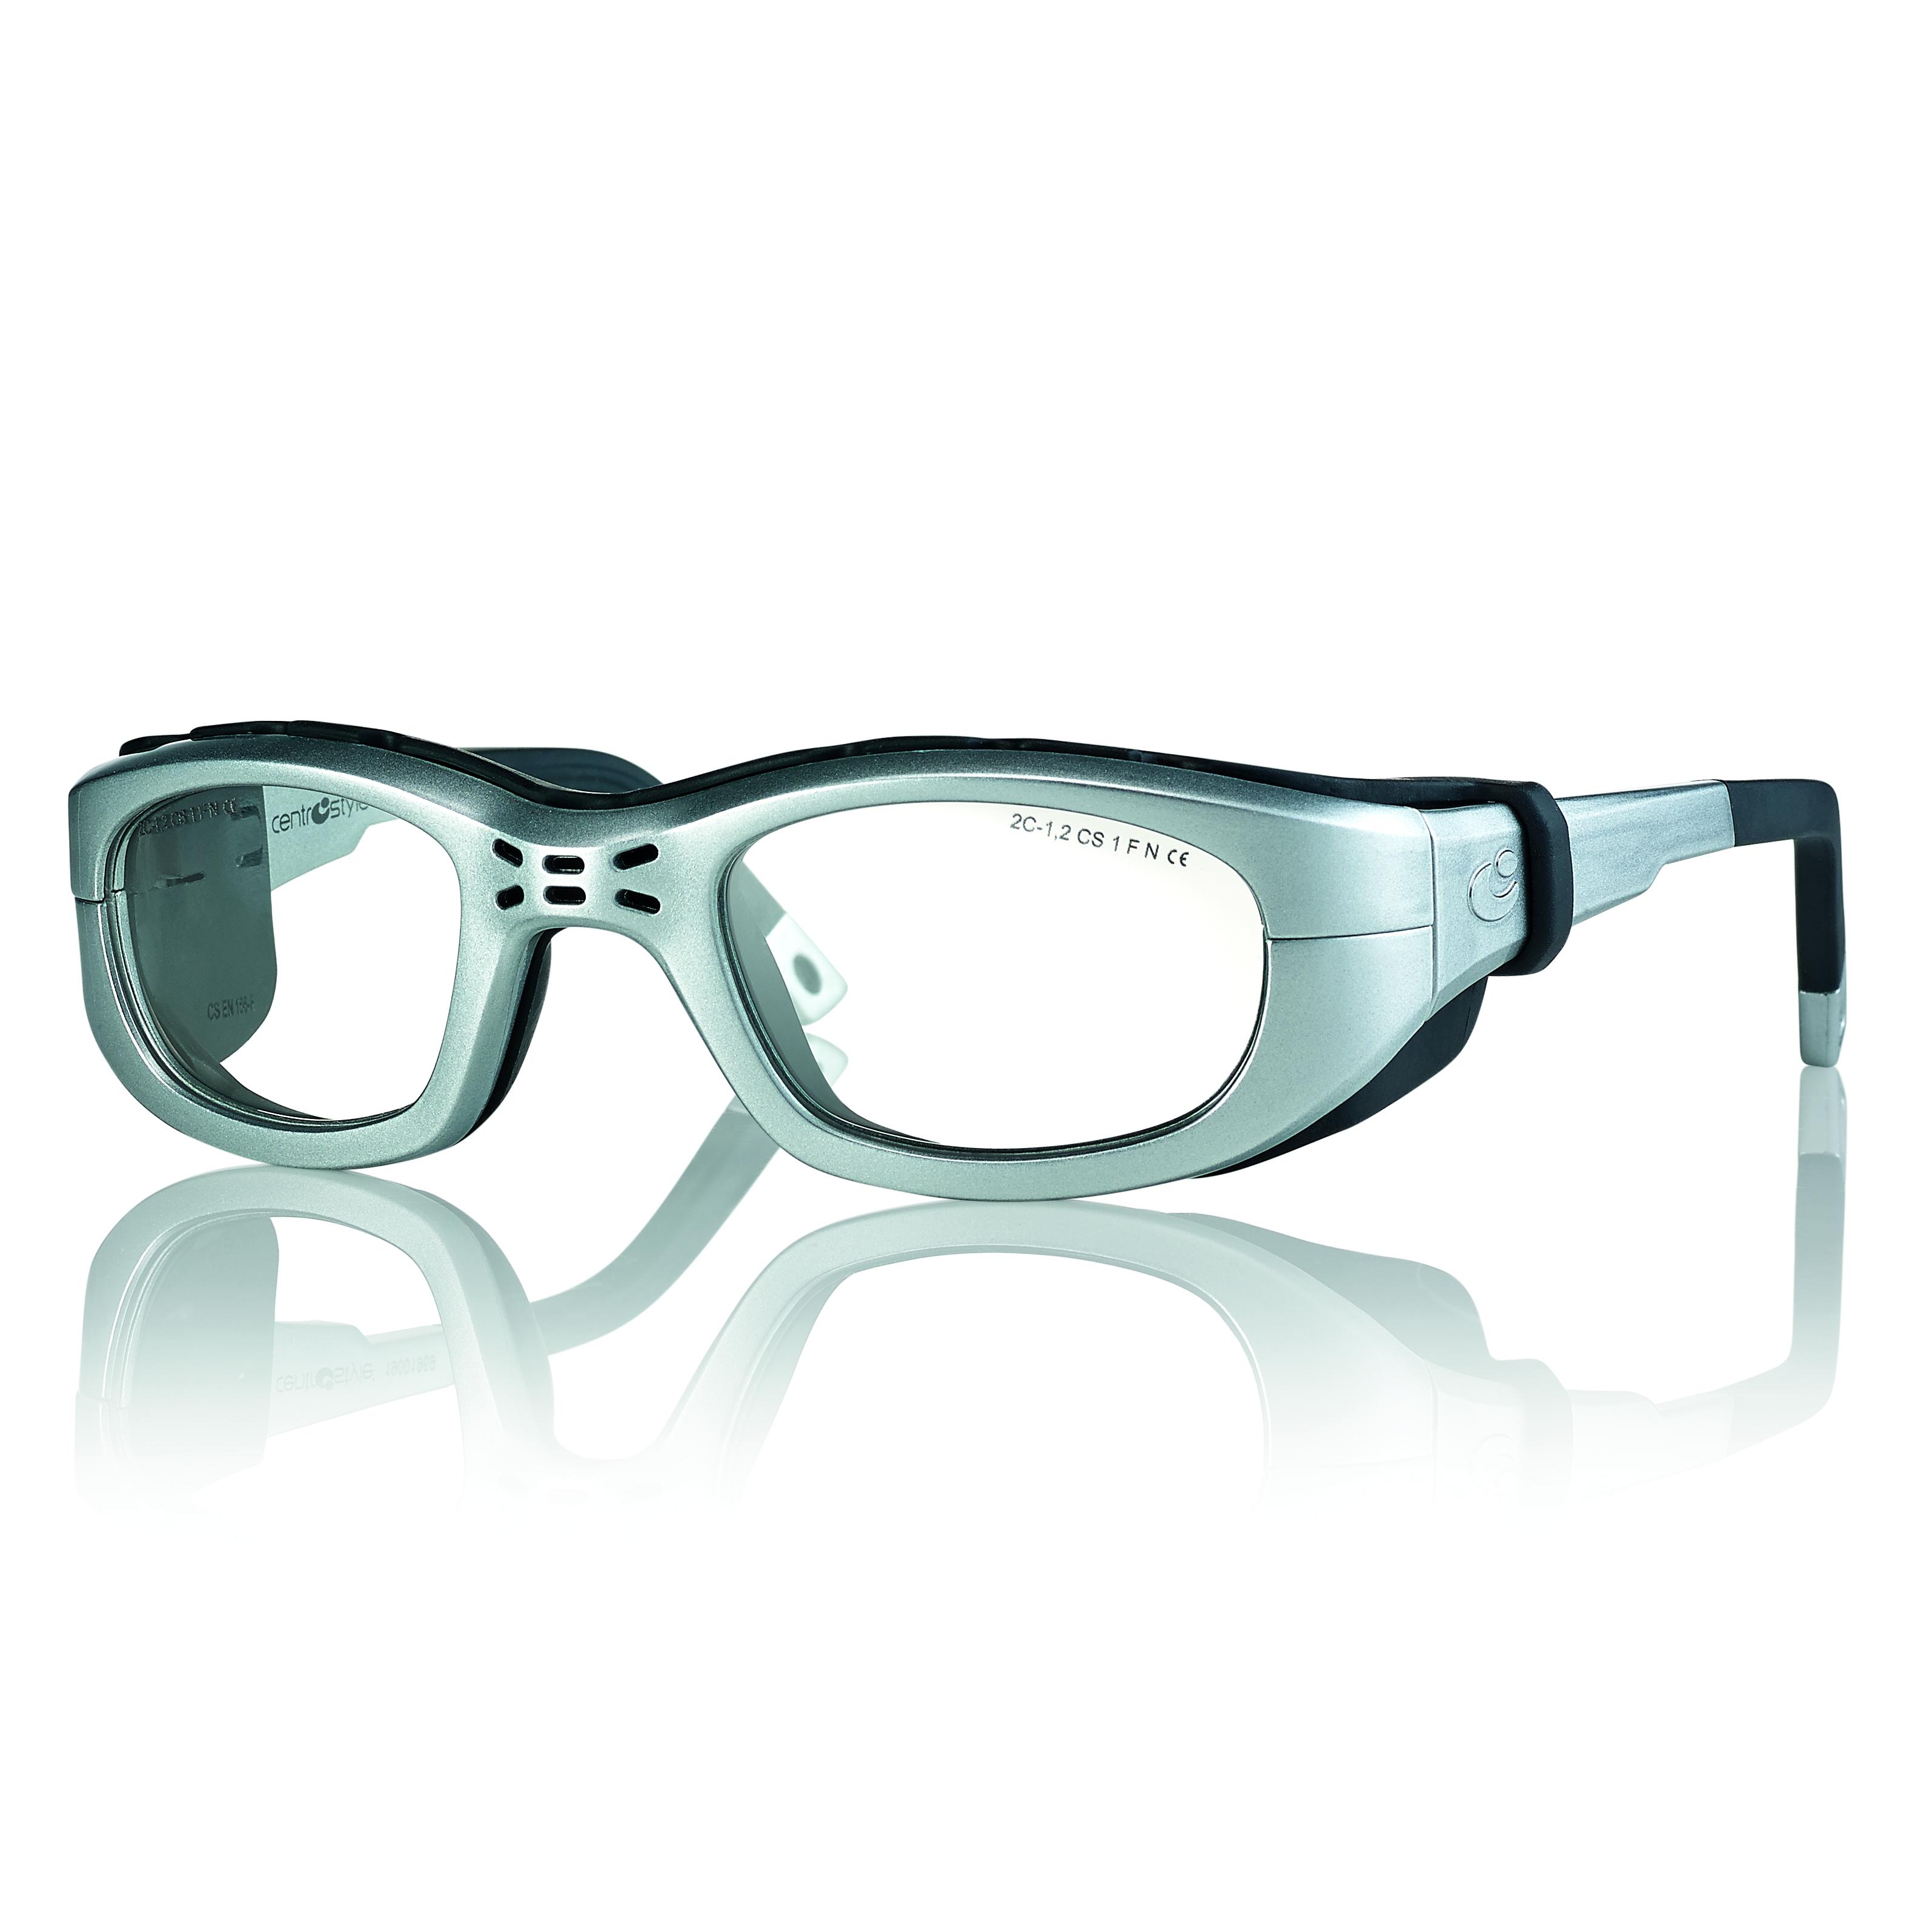 02F025747288000-Óculos Proteção Esporte Banda Elástica e Haste 47x23 Prata/Preto Mod 025747 FLAG E - Contém 1 Peça  - ENTREGA IMEDIATA